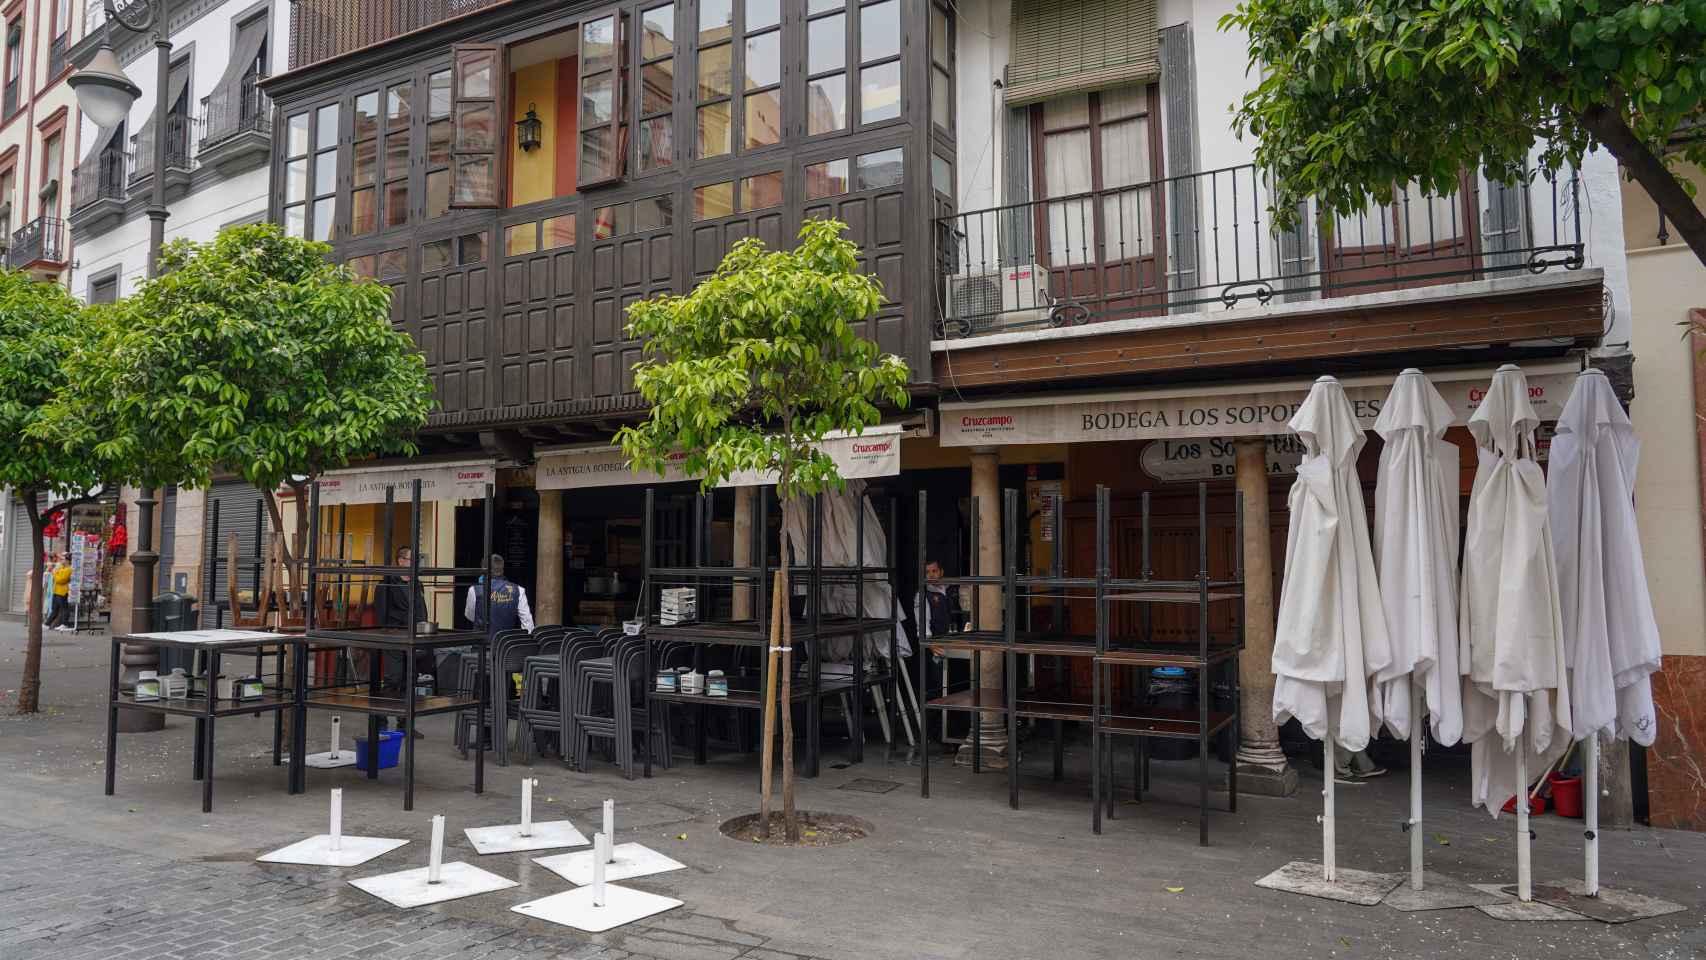 Un bar de Sevilla cerrado por el coronavirus.